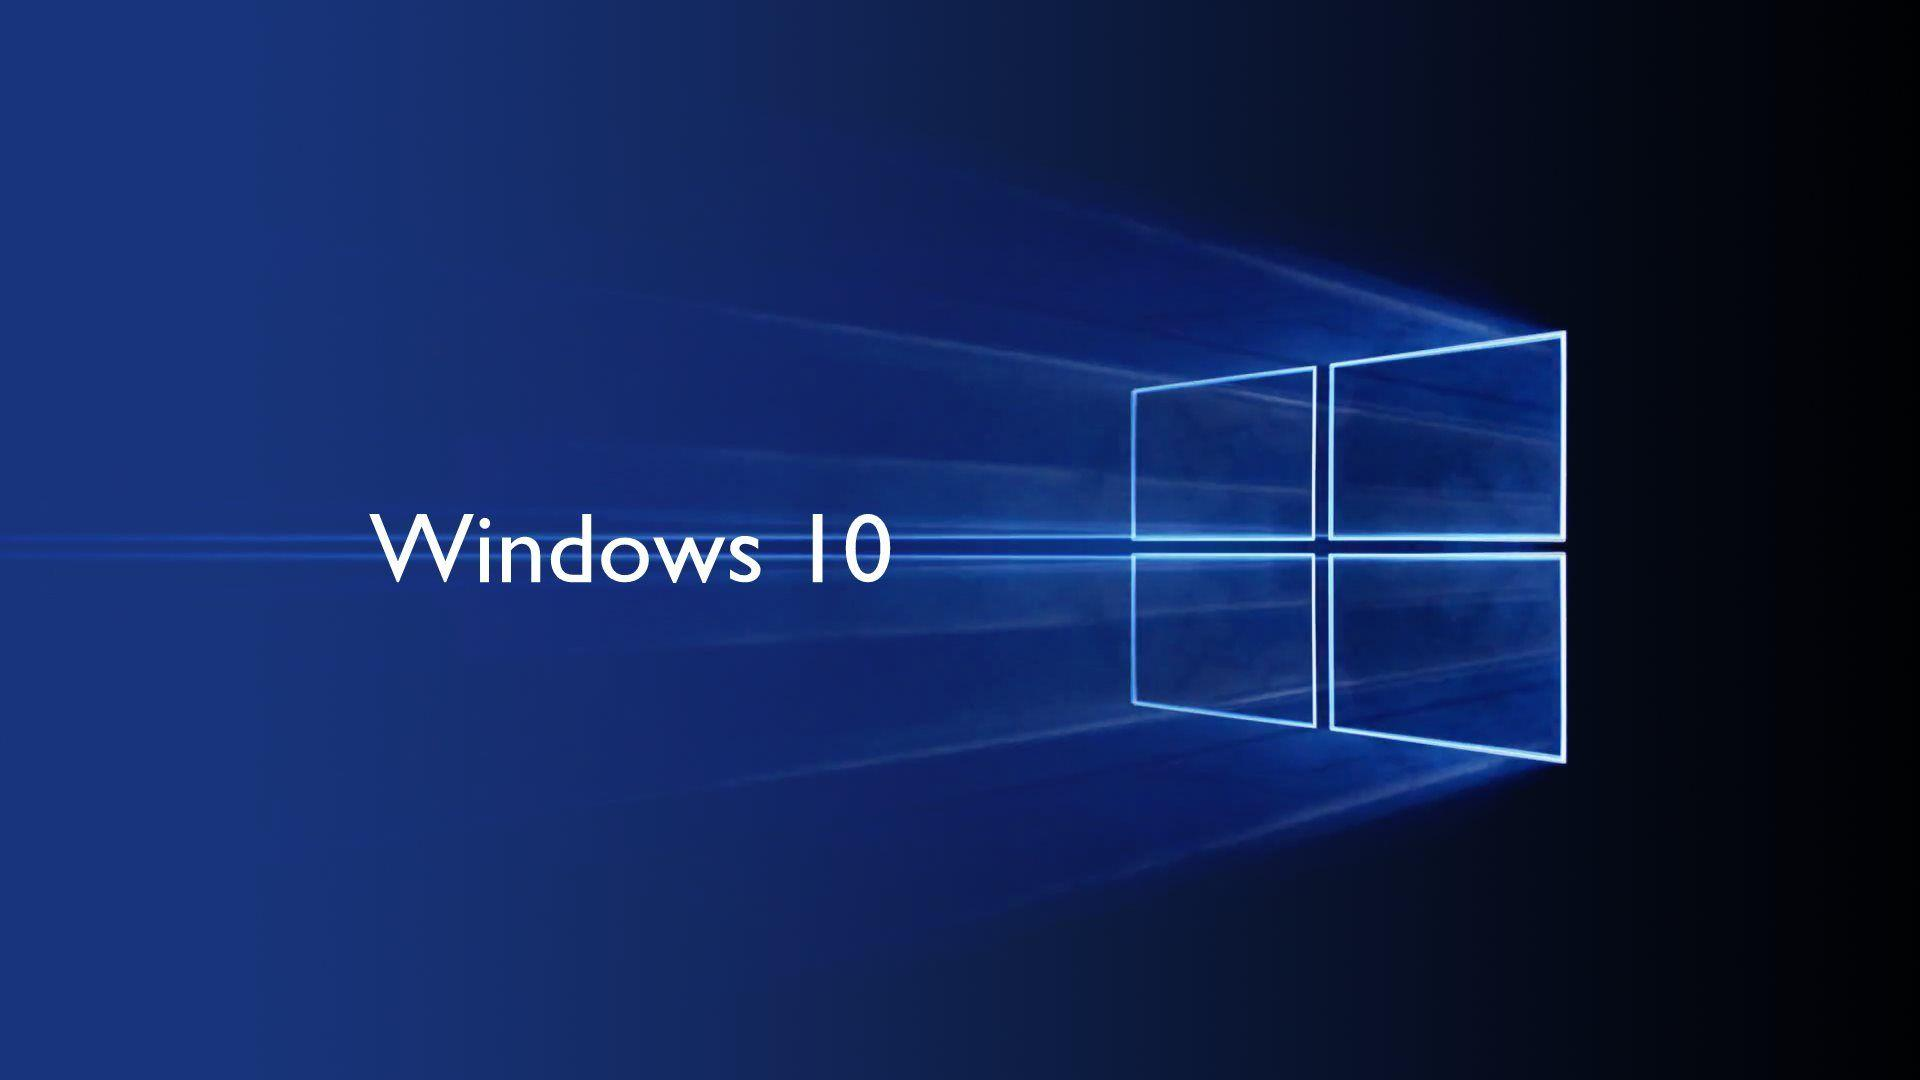 Risultati immagini per immagini di windows 10